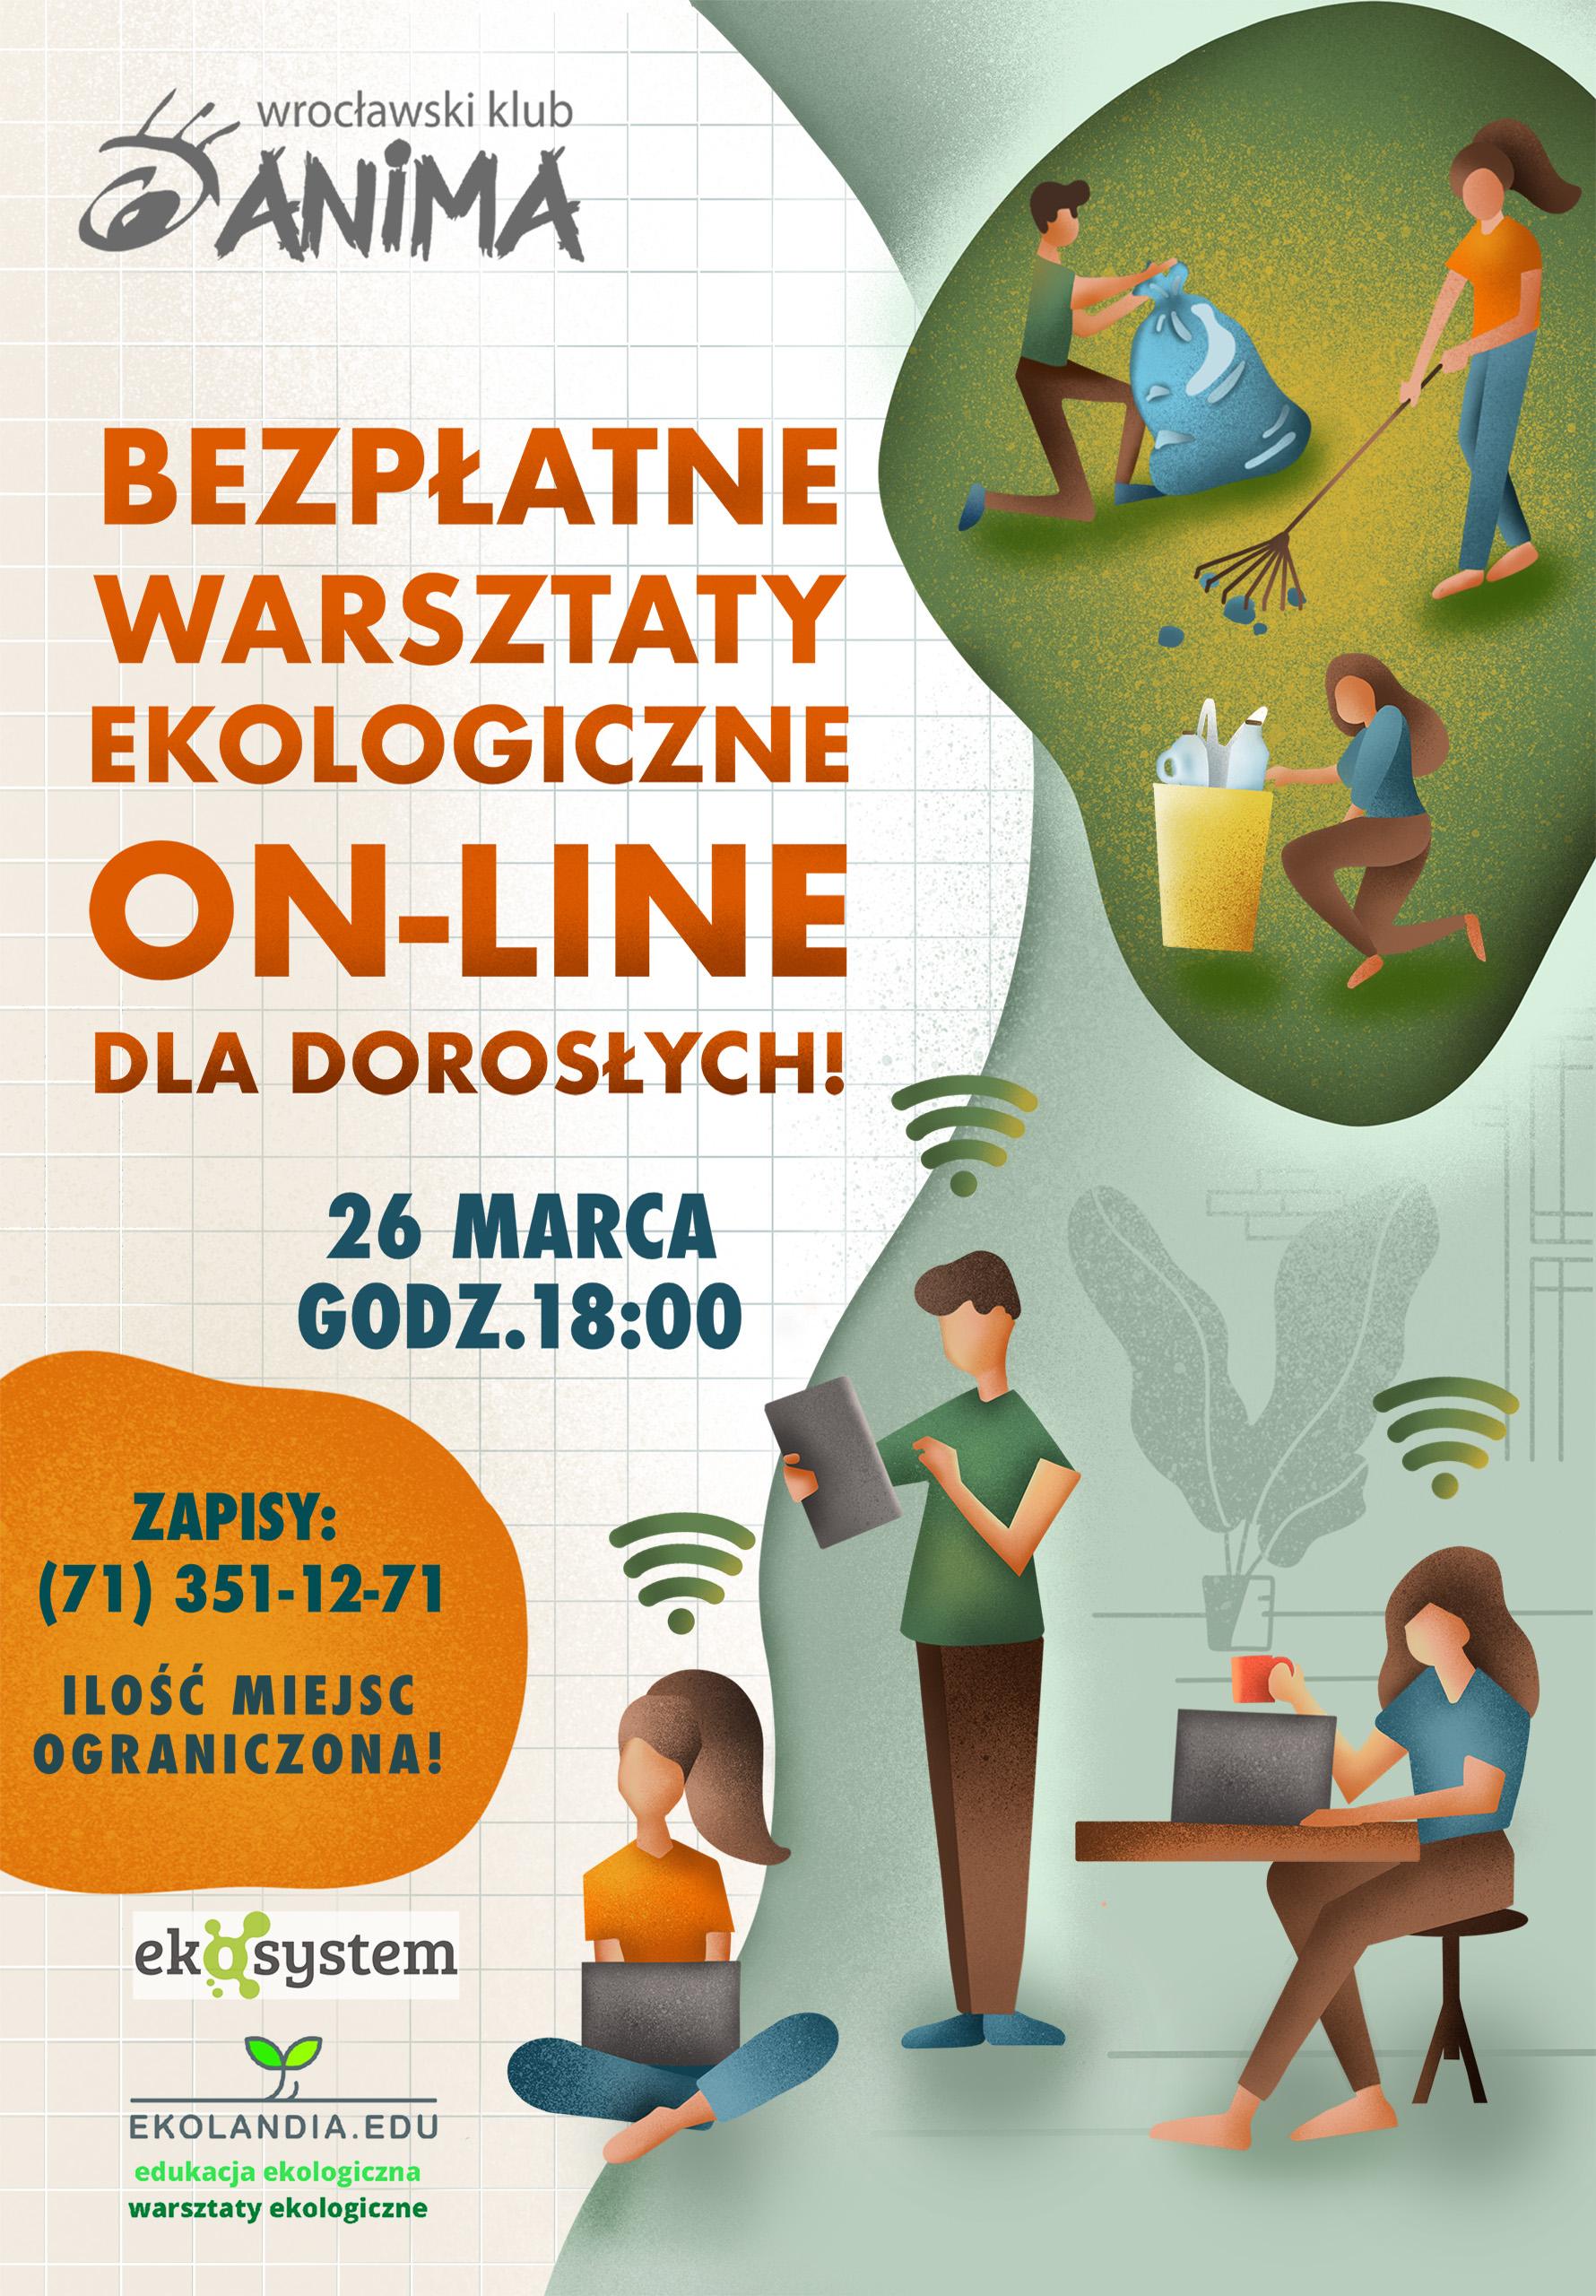 Warsztaty ekologiczne online dla dorosłych!